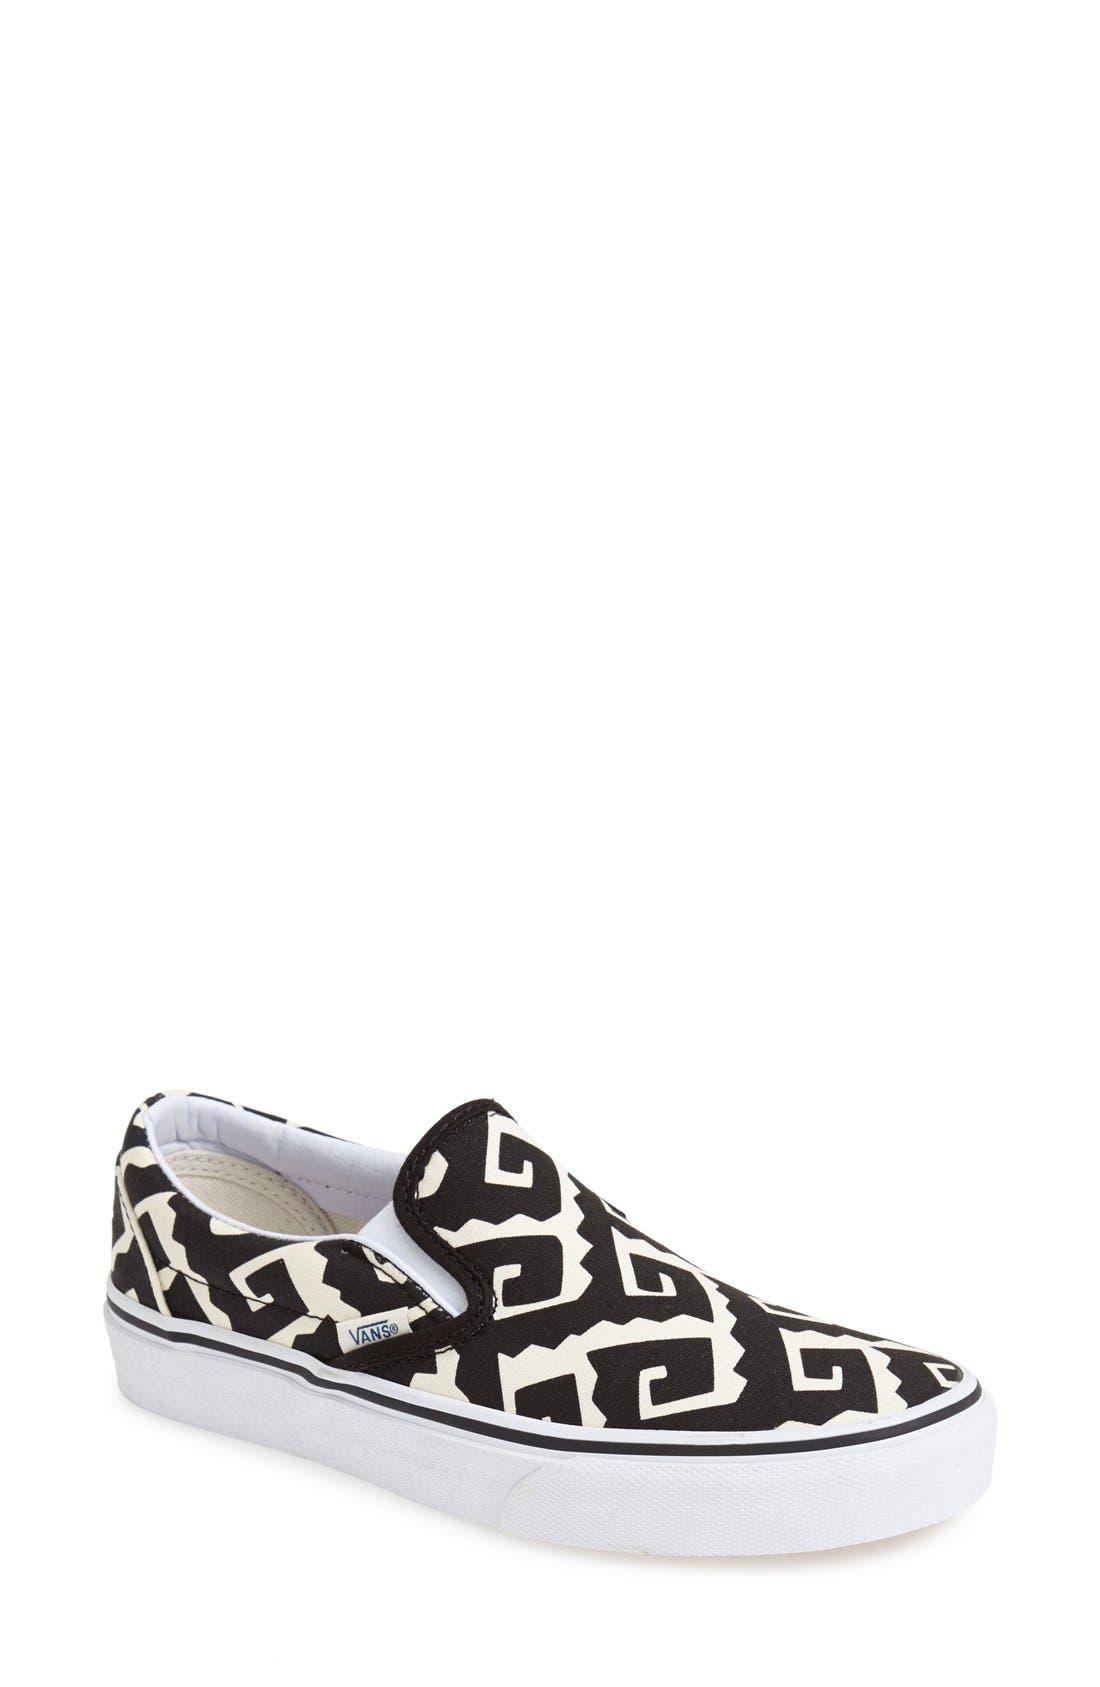 Main Image - Vans 'Van Doren - Classic' Slip-On Sneaker (Women)